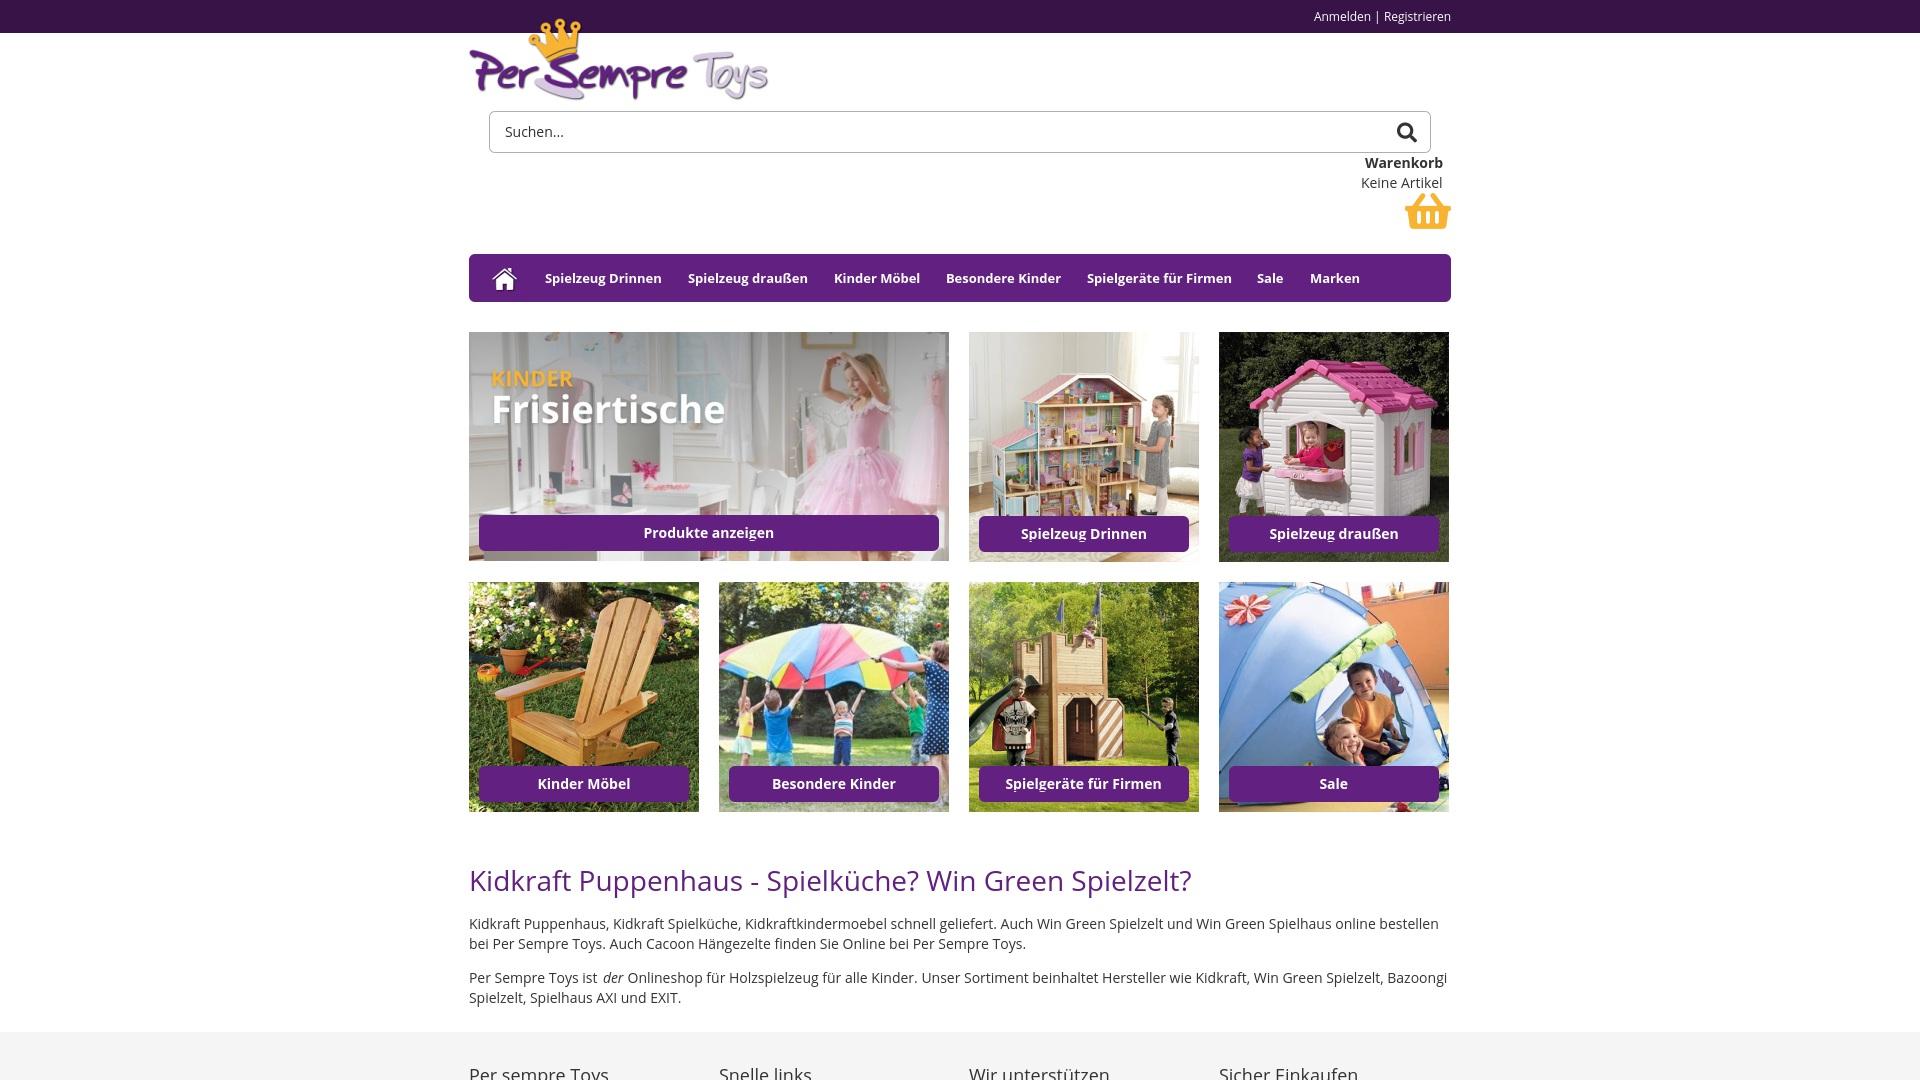 Gutschein für Persempretoys: Rabatte für  Persempretoys sichern